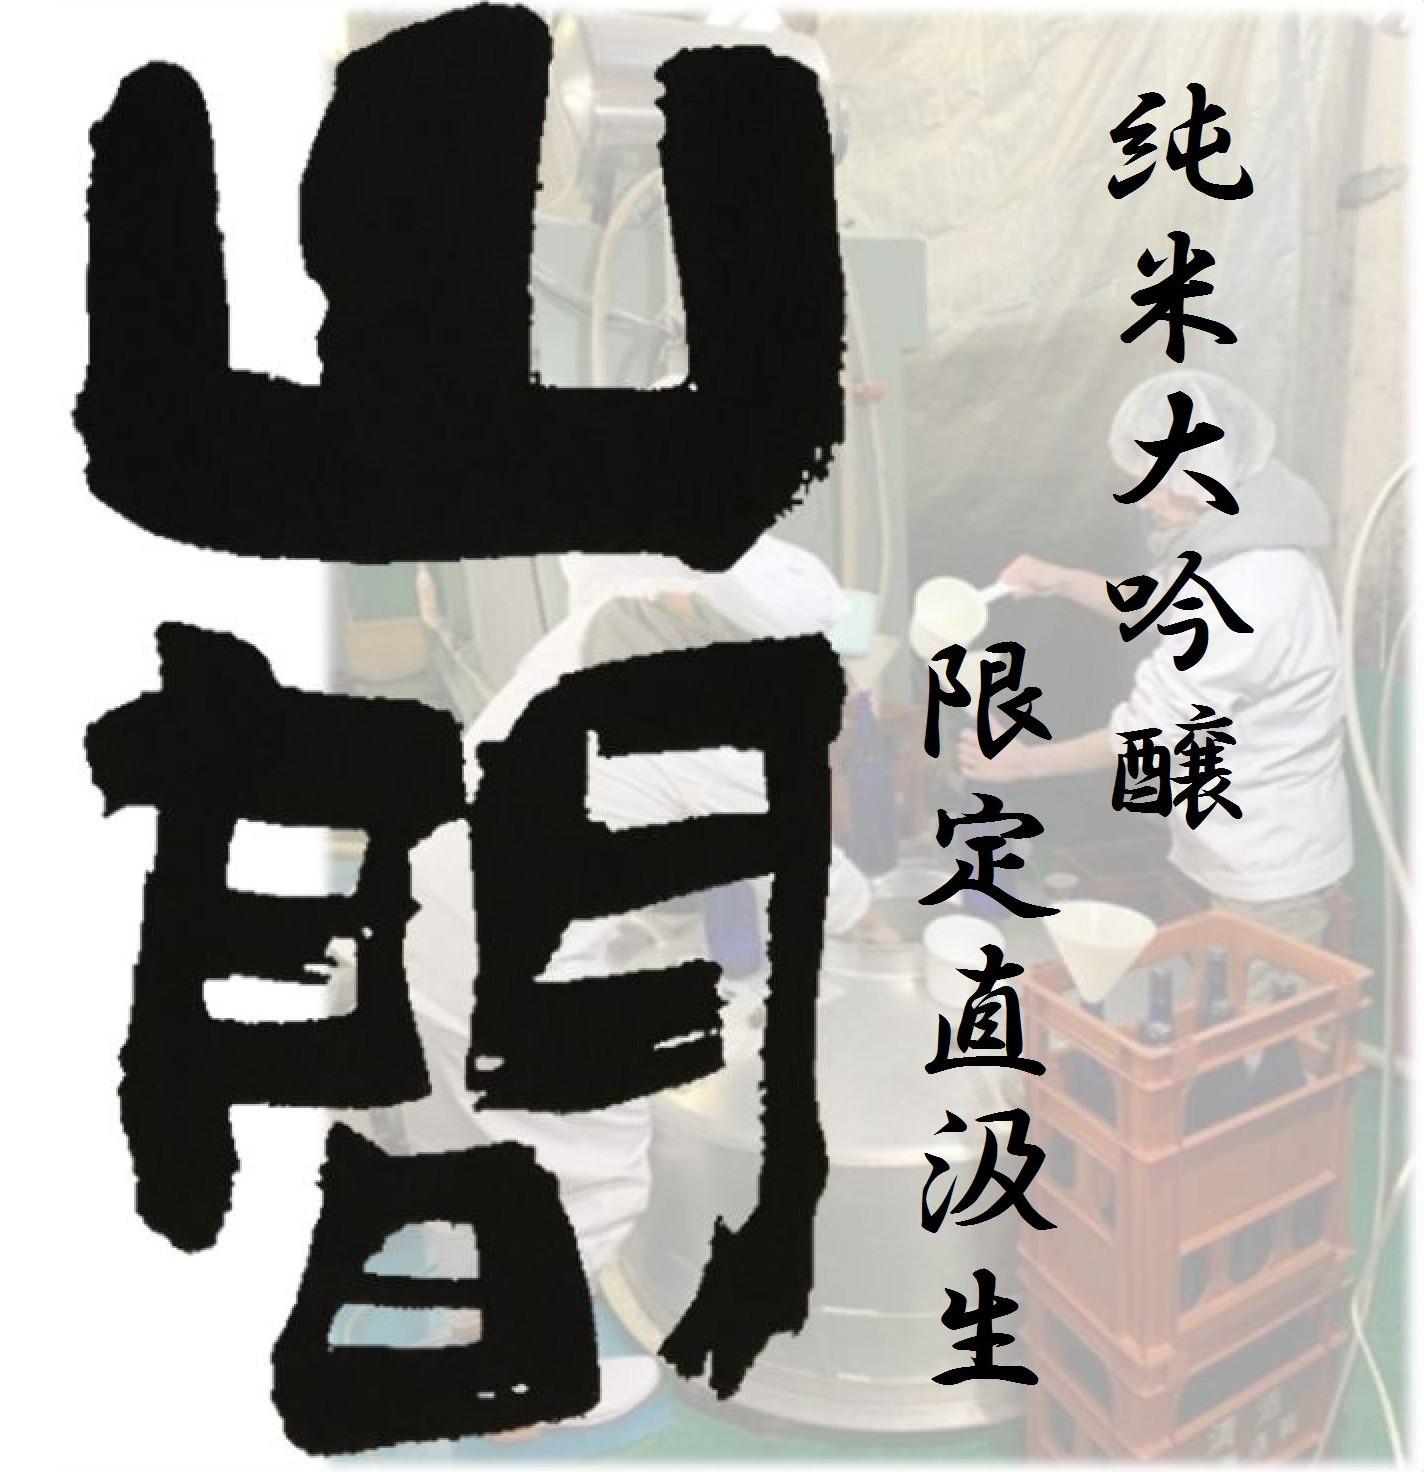 【ご予約】 山間 純米大吟醸 亀口中採り 限定直汲み ~スペシャルエディション~ 1800ml